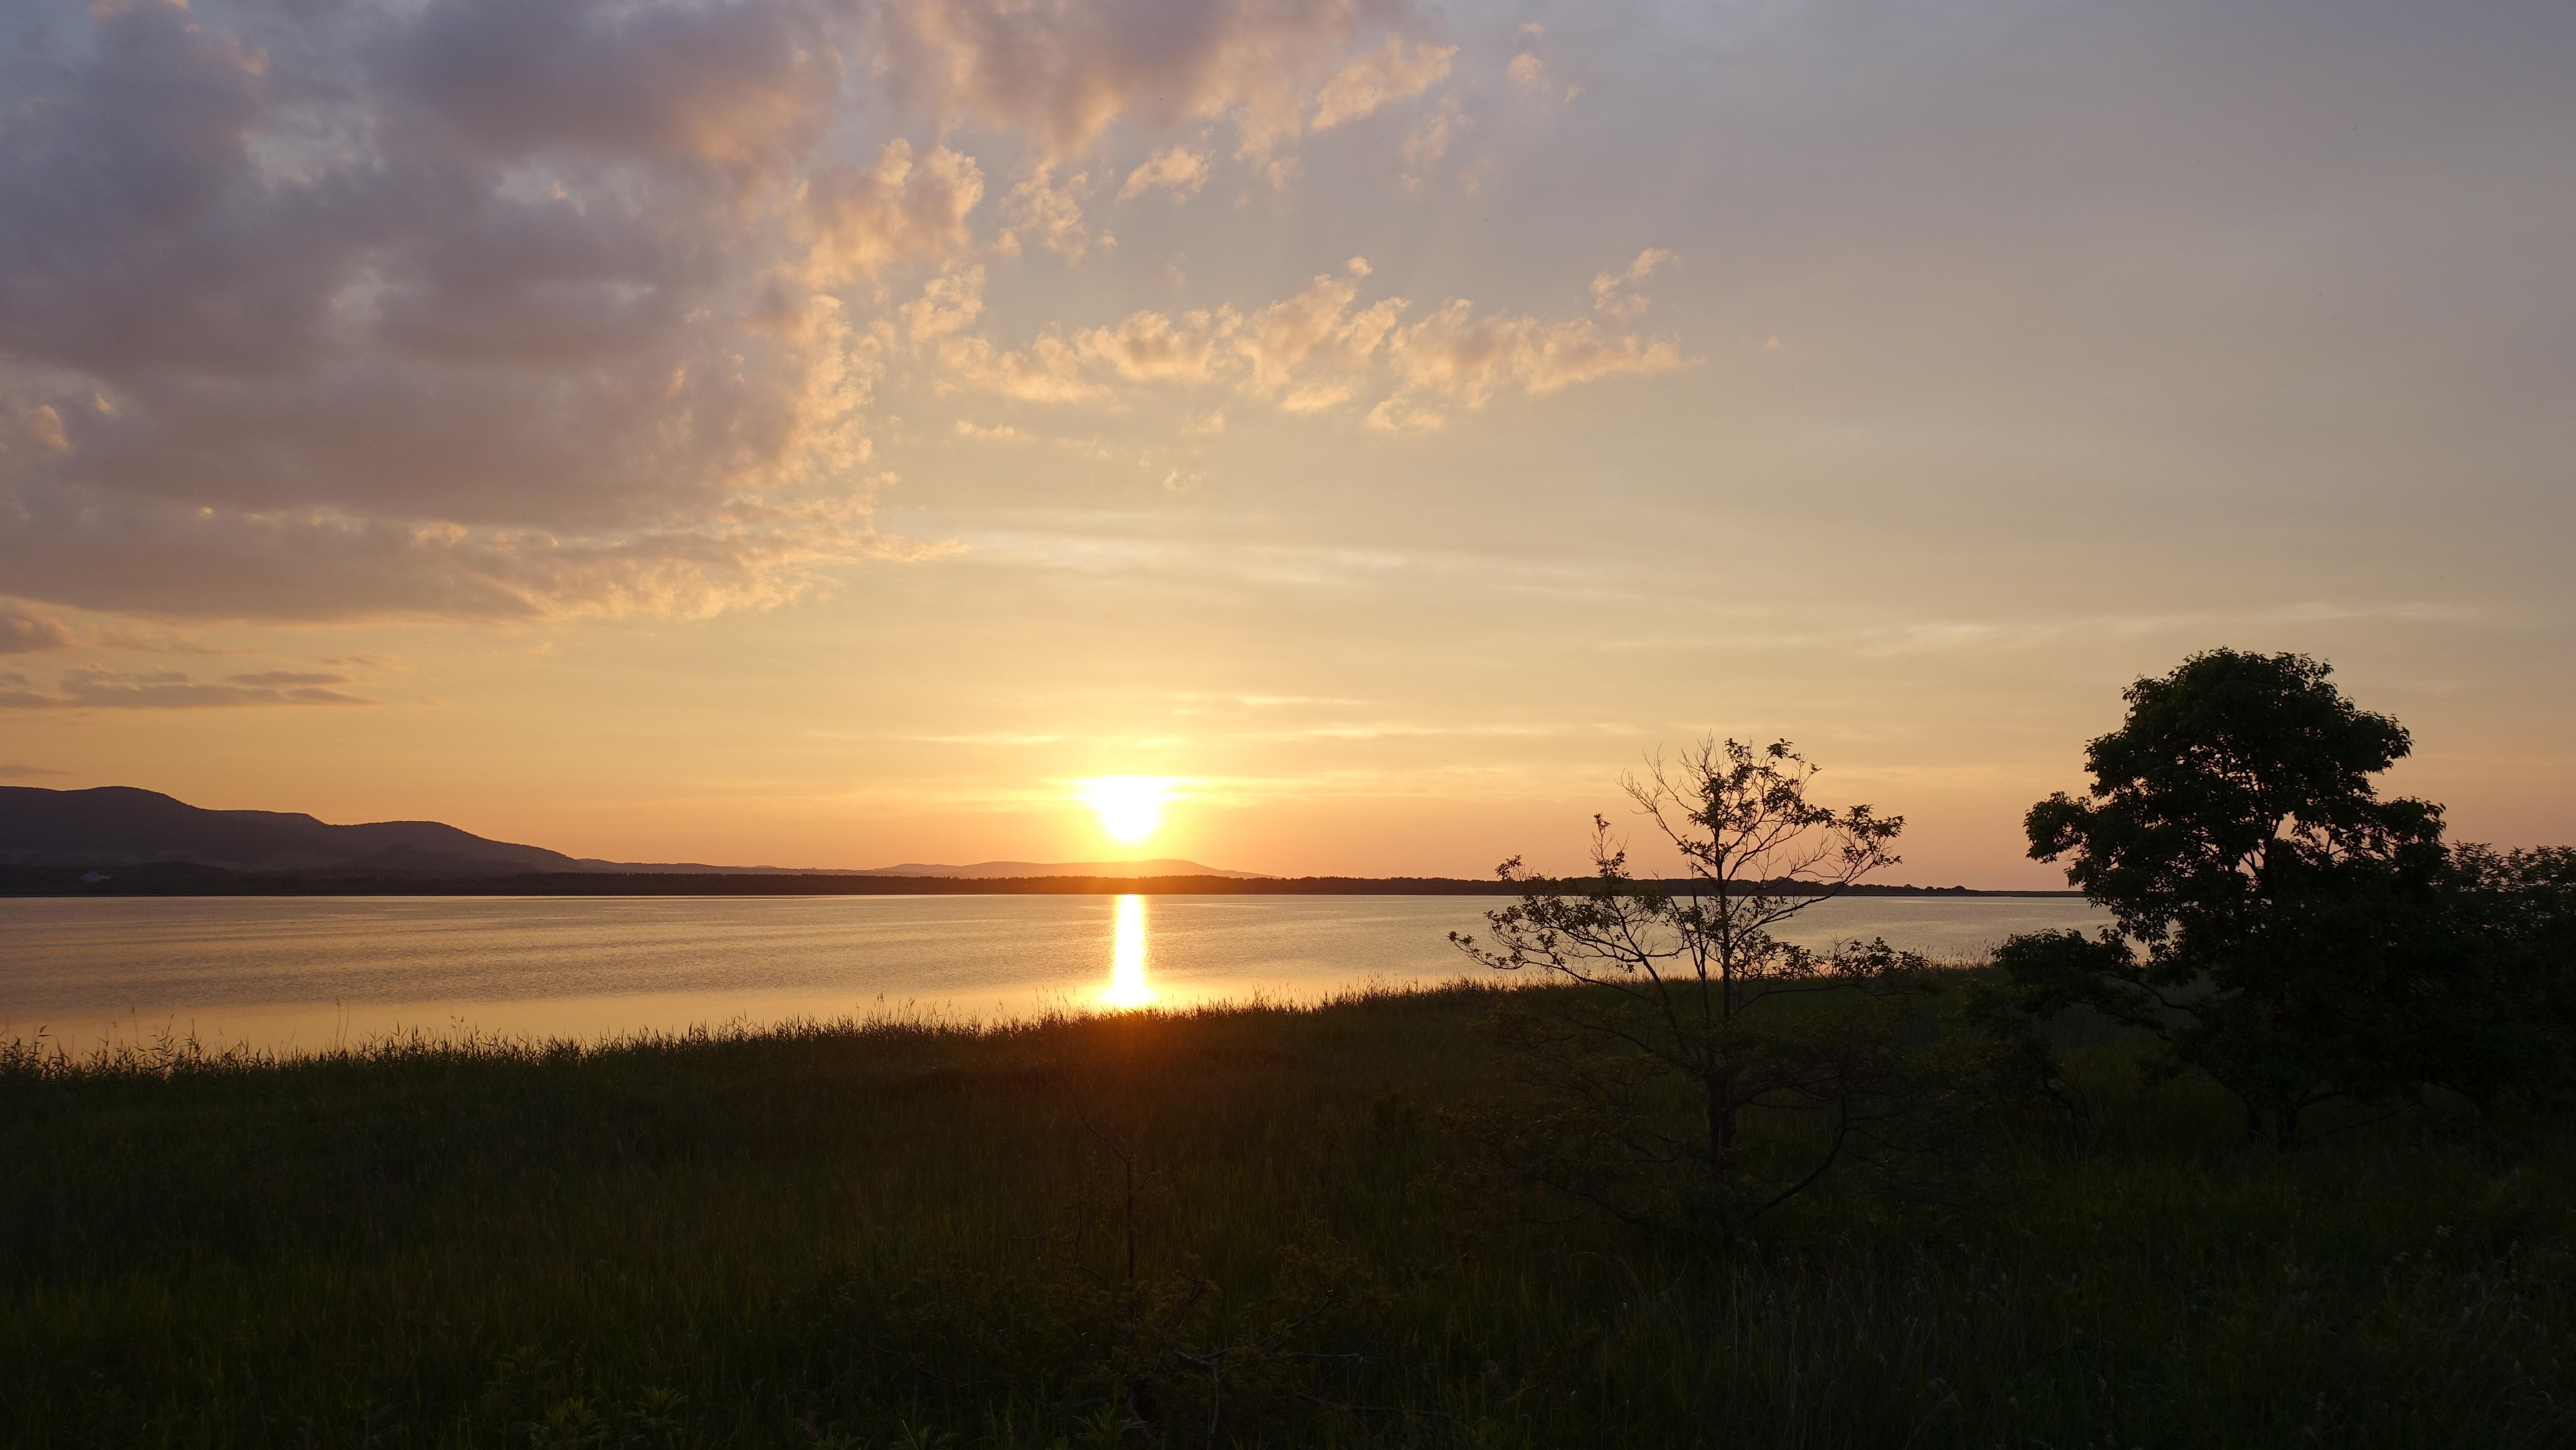 コムケ湖に沈む夕日が綺麗